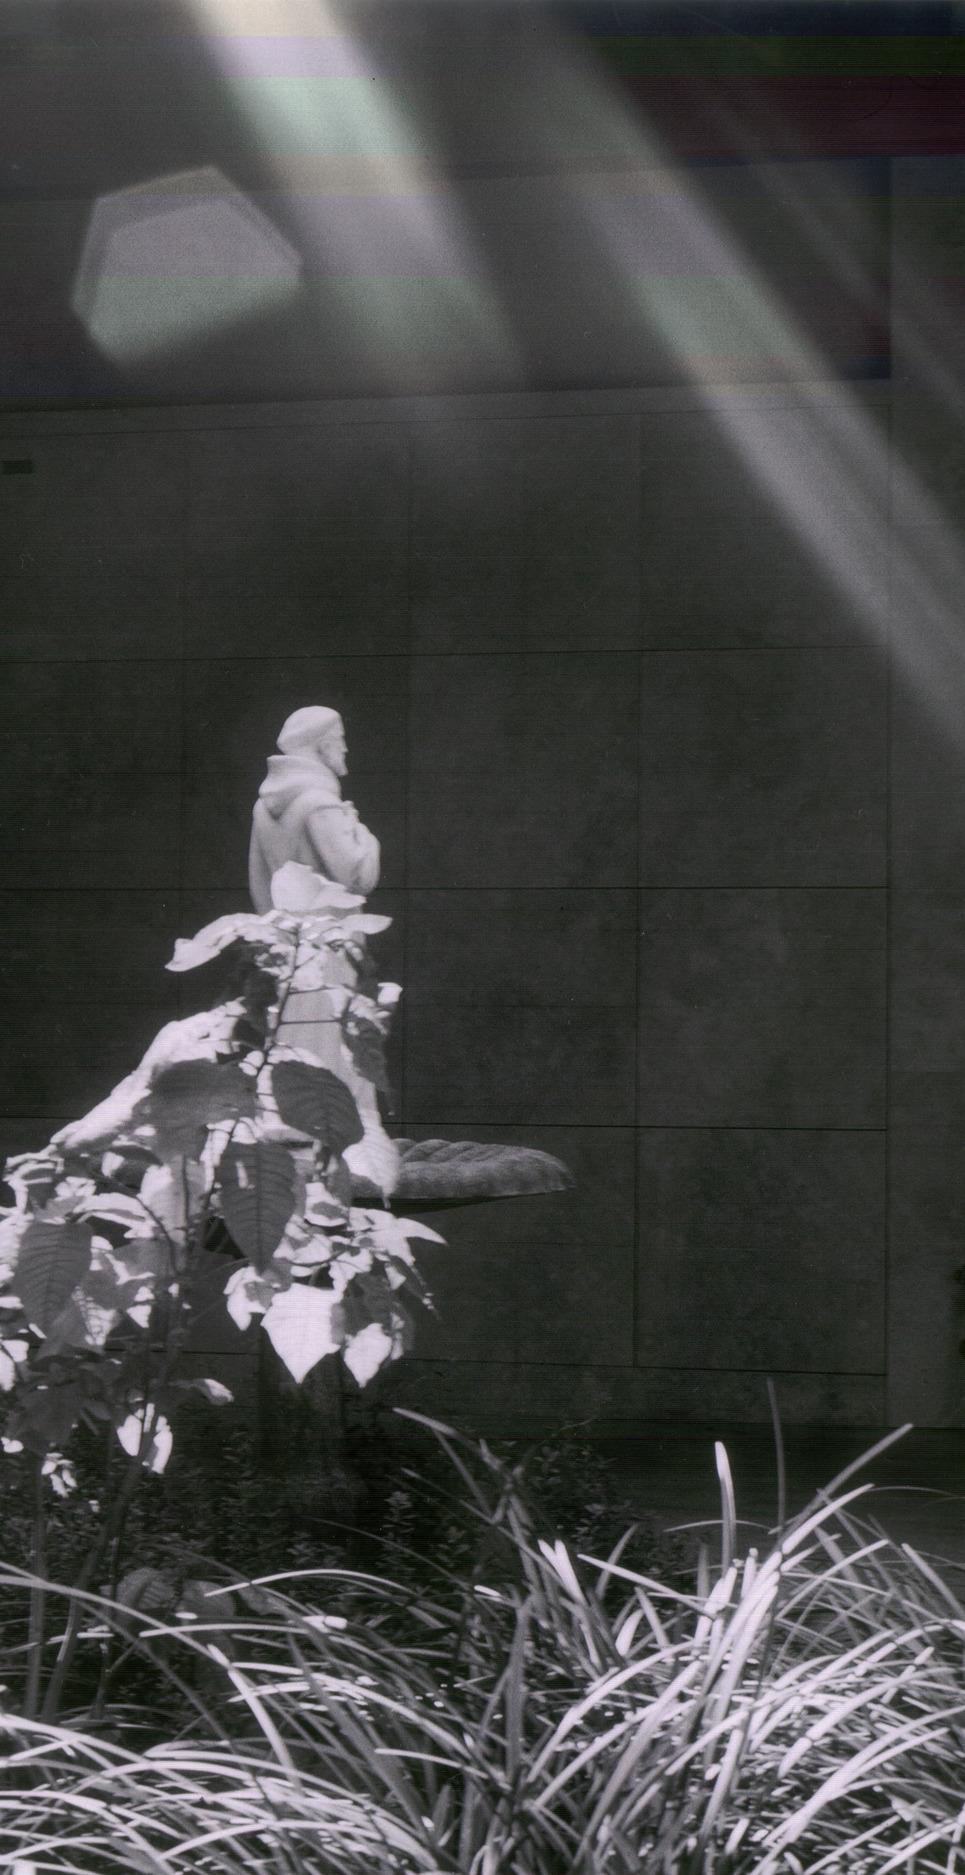 Sunlit statue show